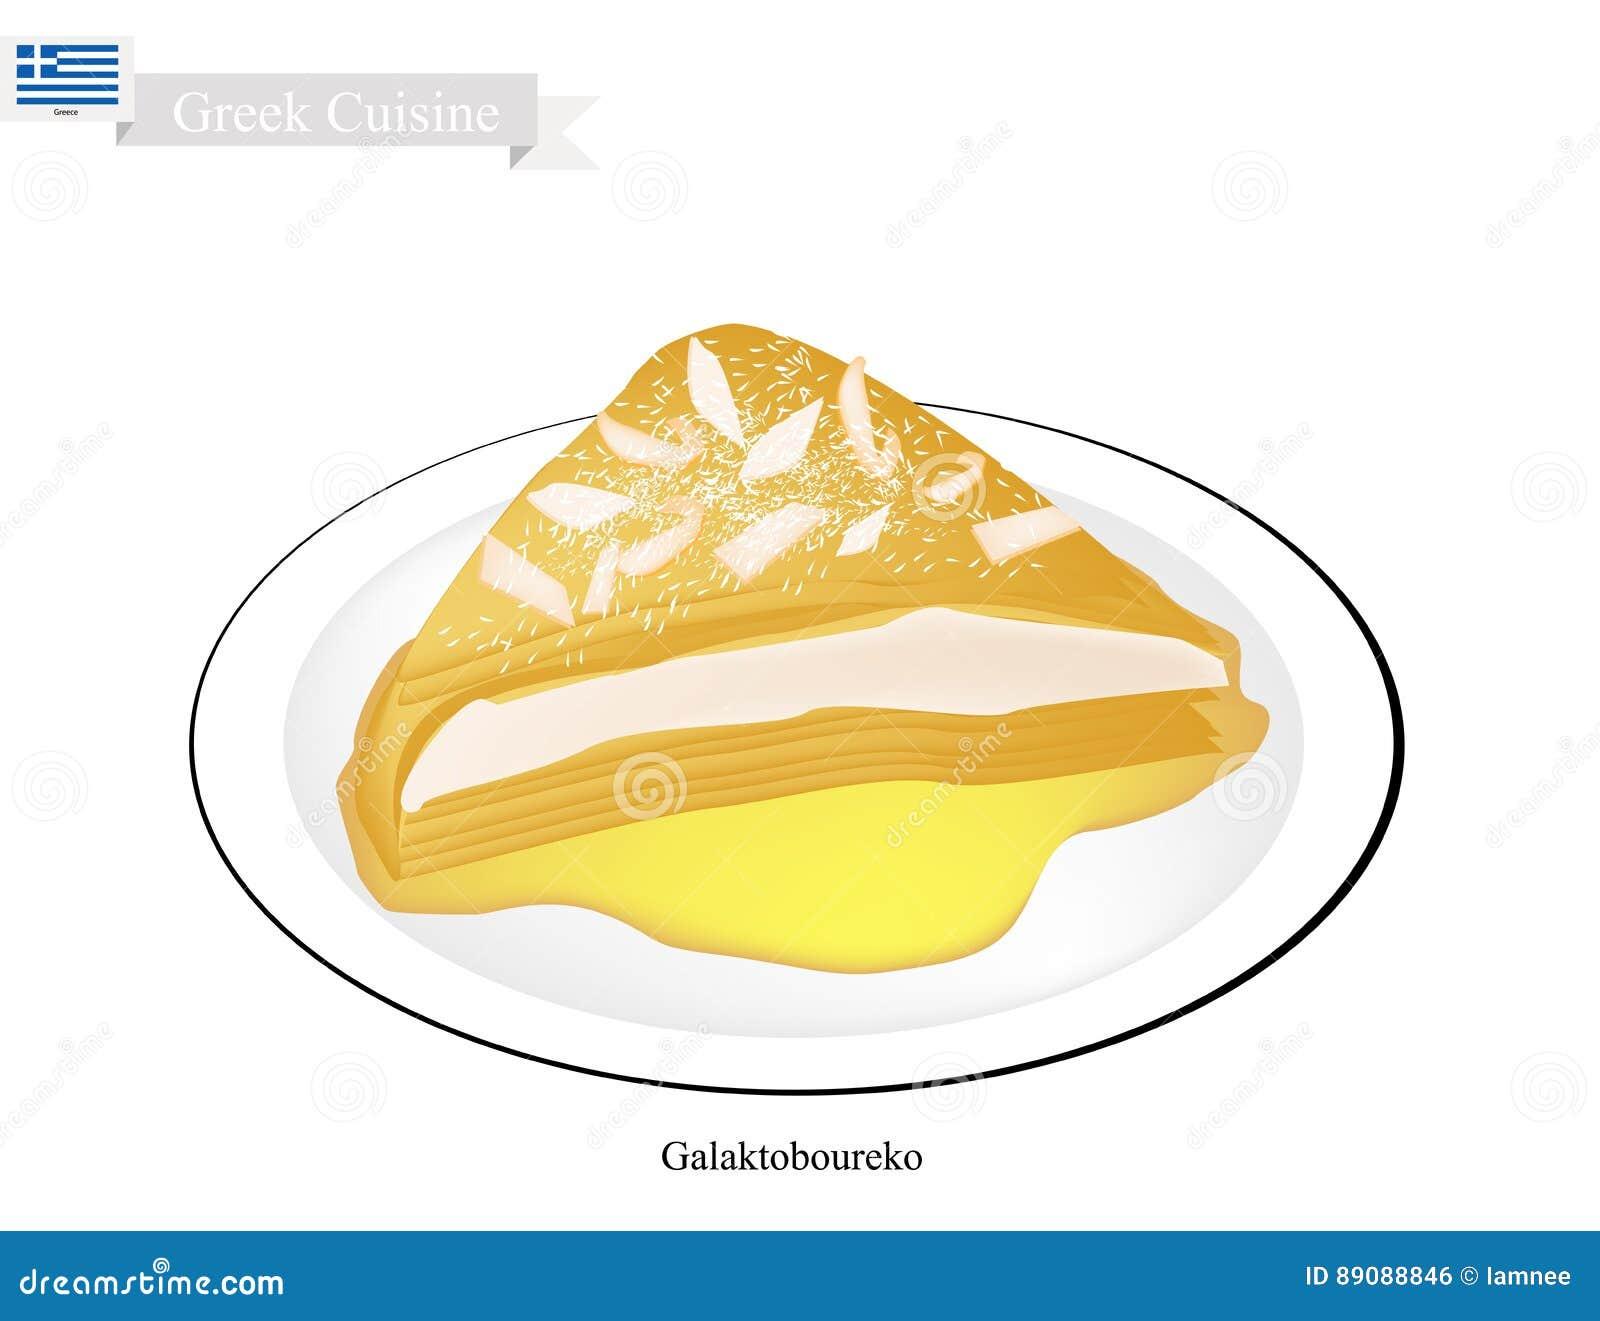 Galaktoboureko eller grekisk ostbakelse med vaniljsås